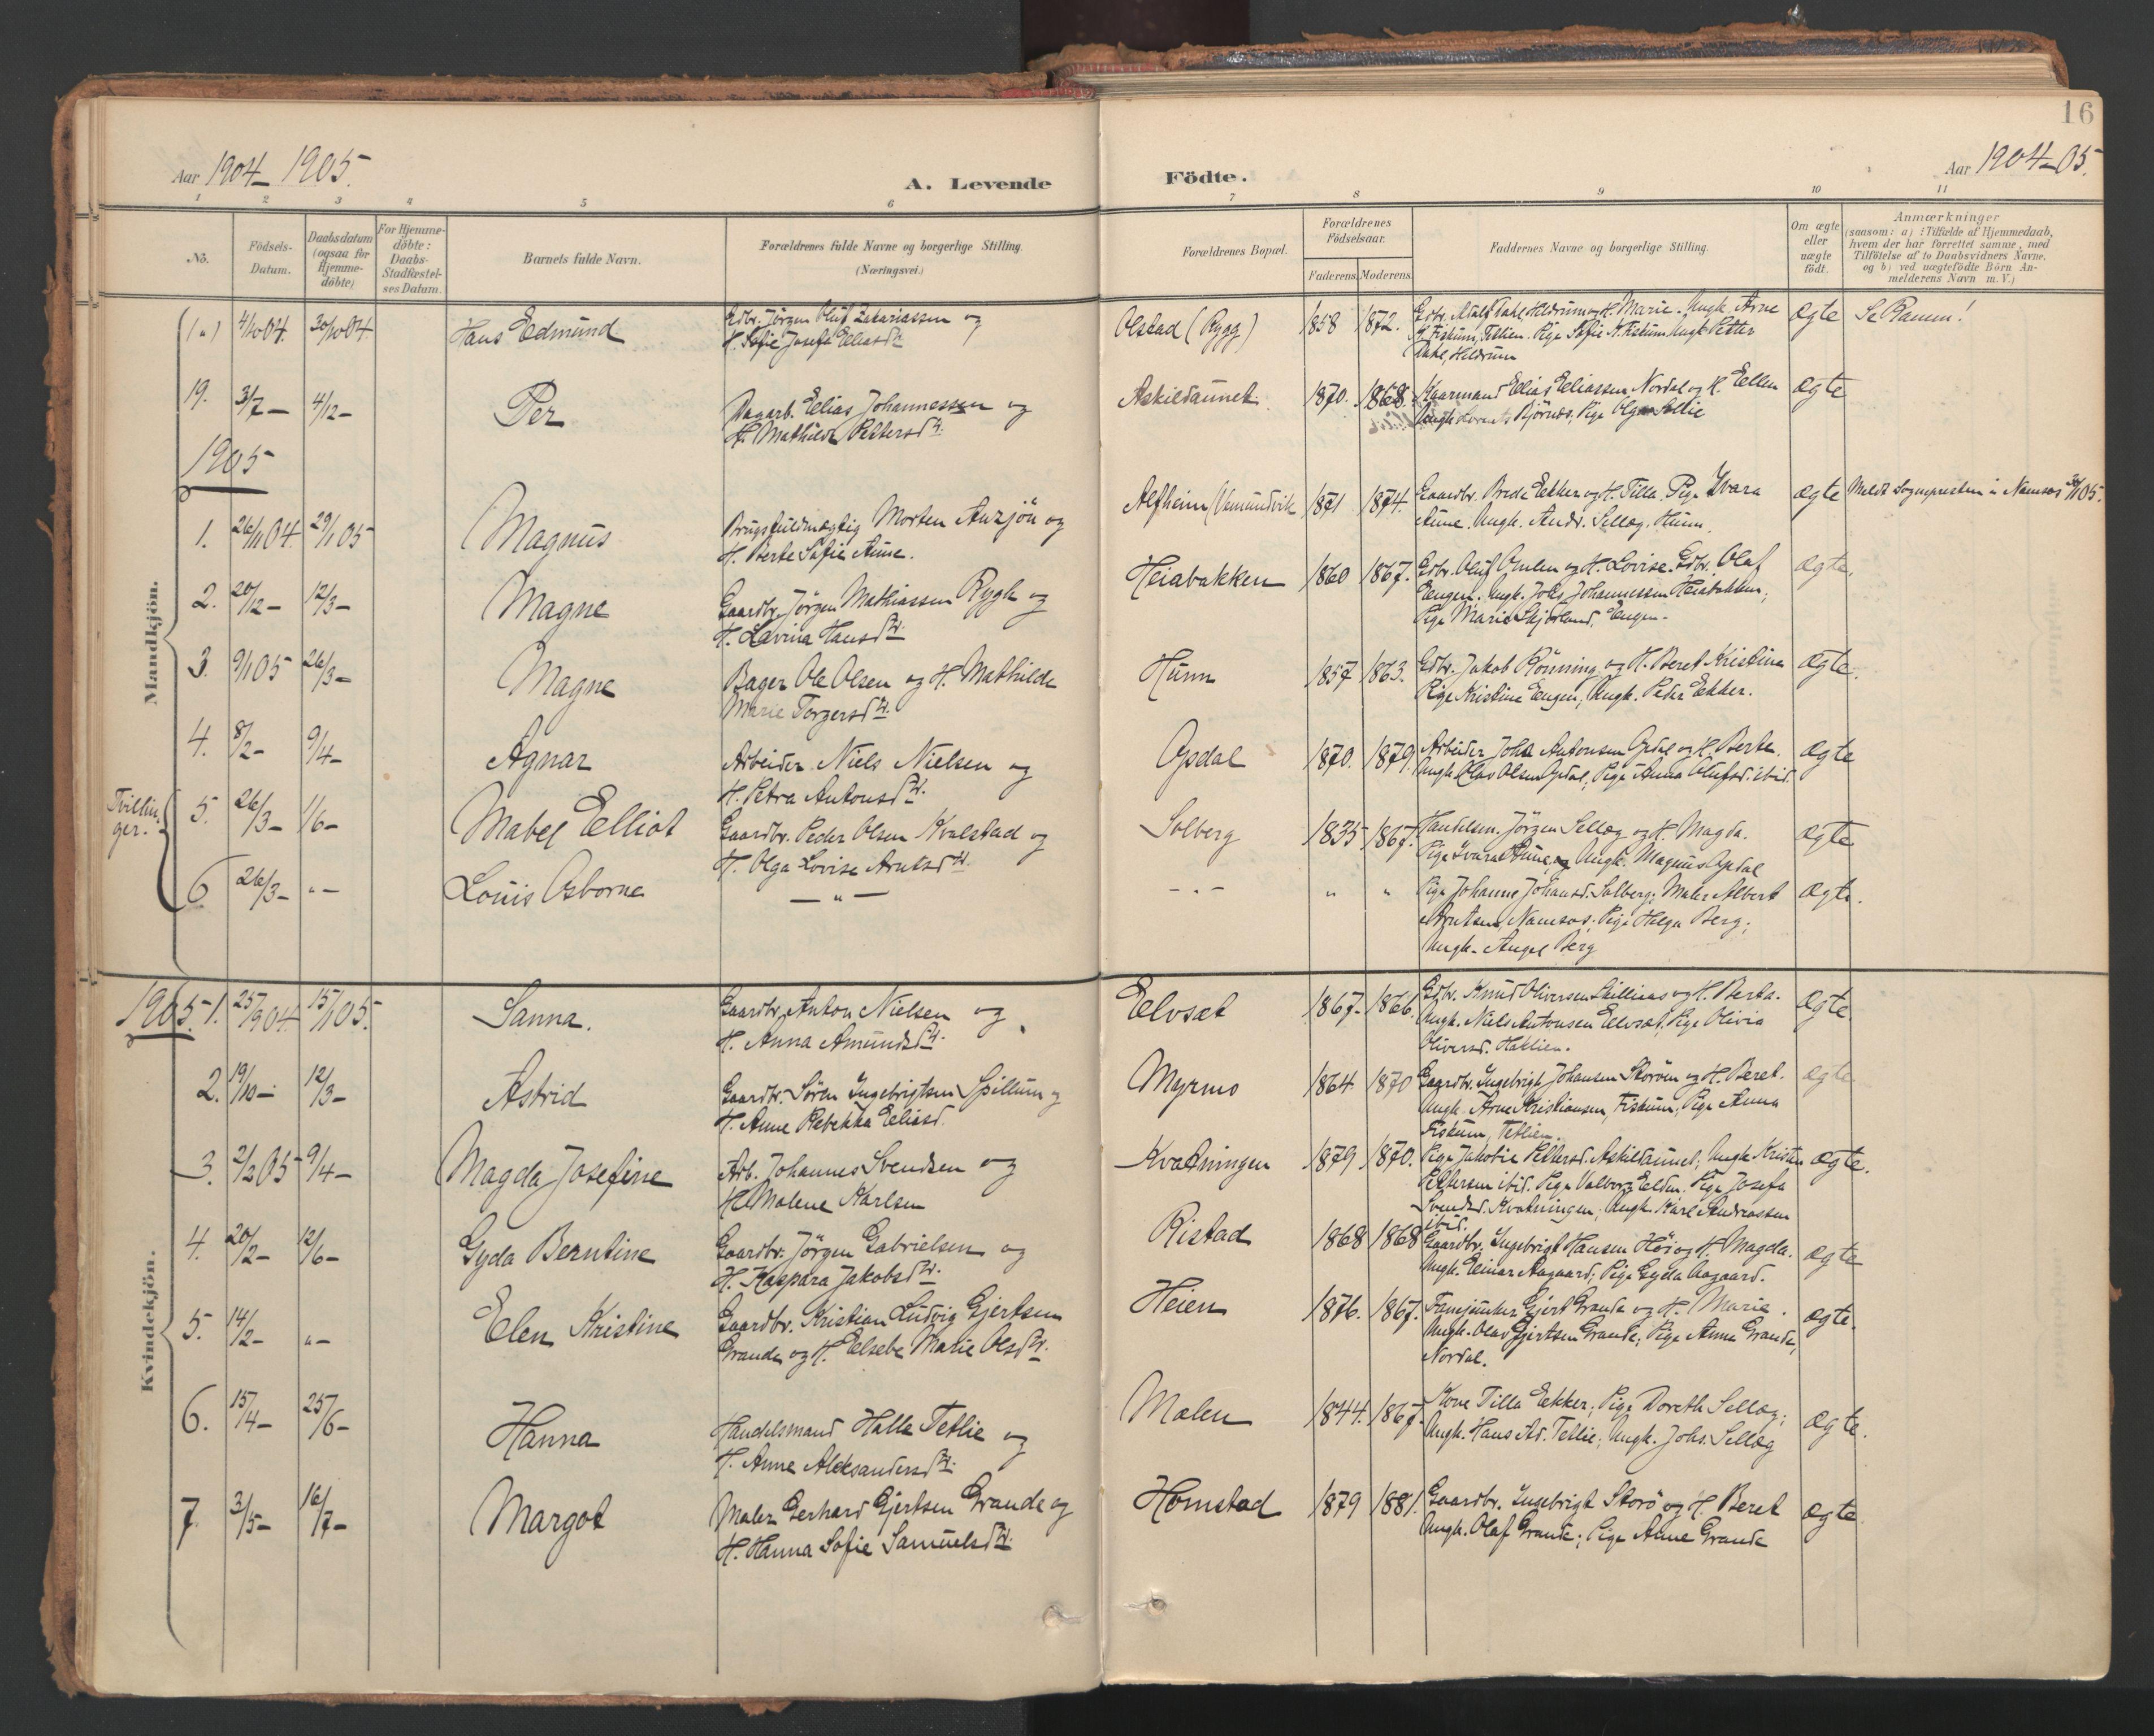 SAT, Ministerialprotokoller, klokkerbøker og fødselsregistre - Nord-Trøndelag, 766/L0564: Ministerialbok nr. 767A02, 1900-1932, s. 16